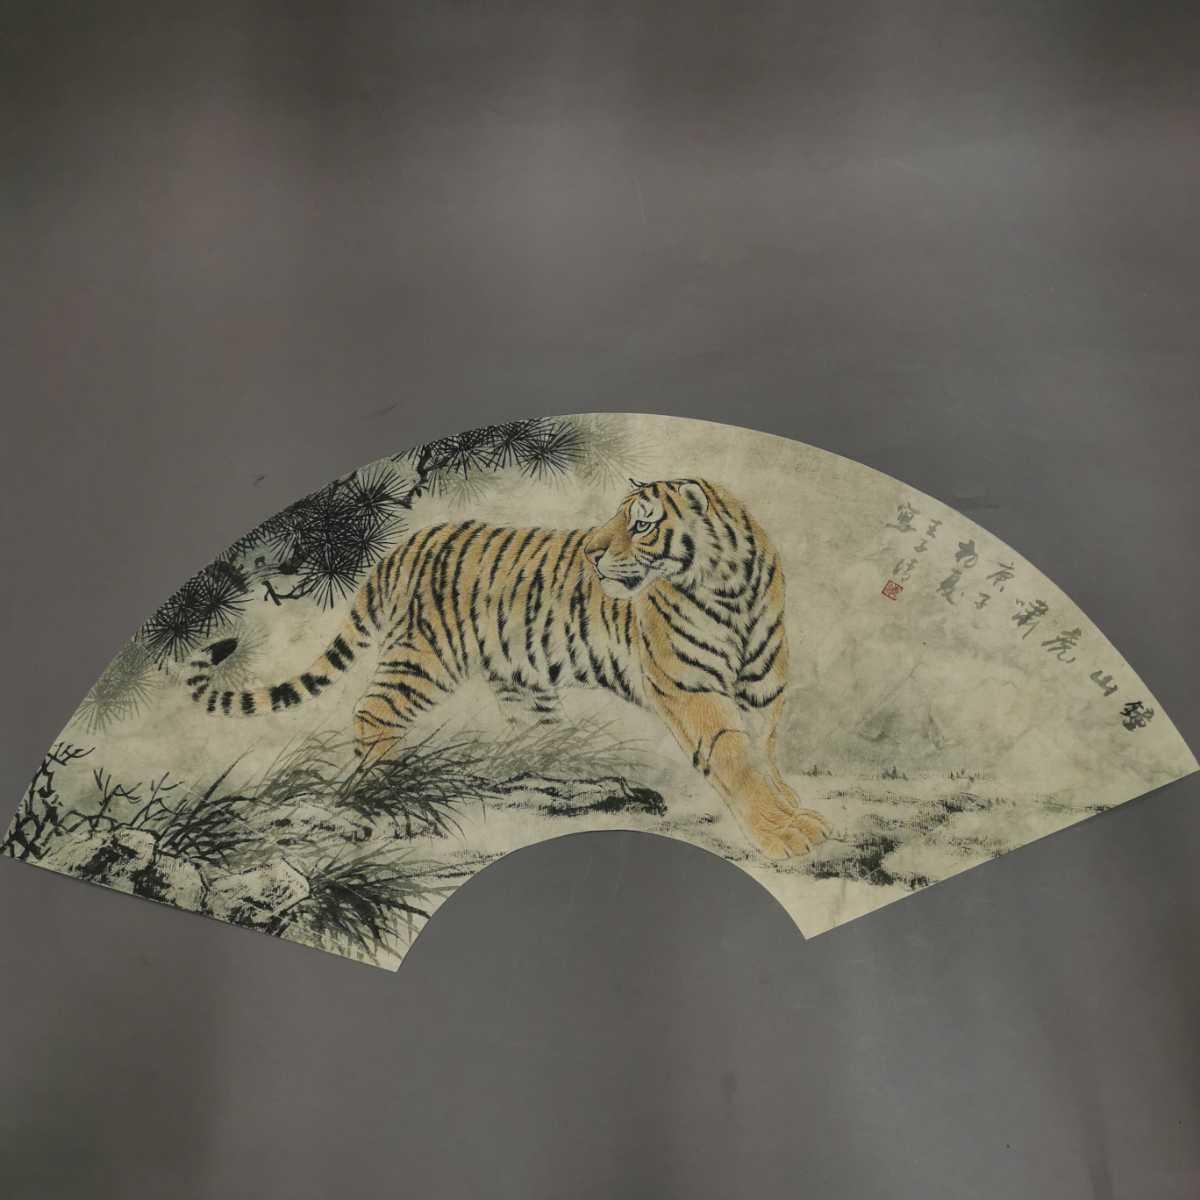 扇面 掛軸 虎図 紙本 肉筆保証 掛け軸 時代物 在銘 中国古美術 中国美術 古玩 古董 時代物 唐物 000307_画像1